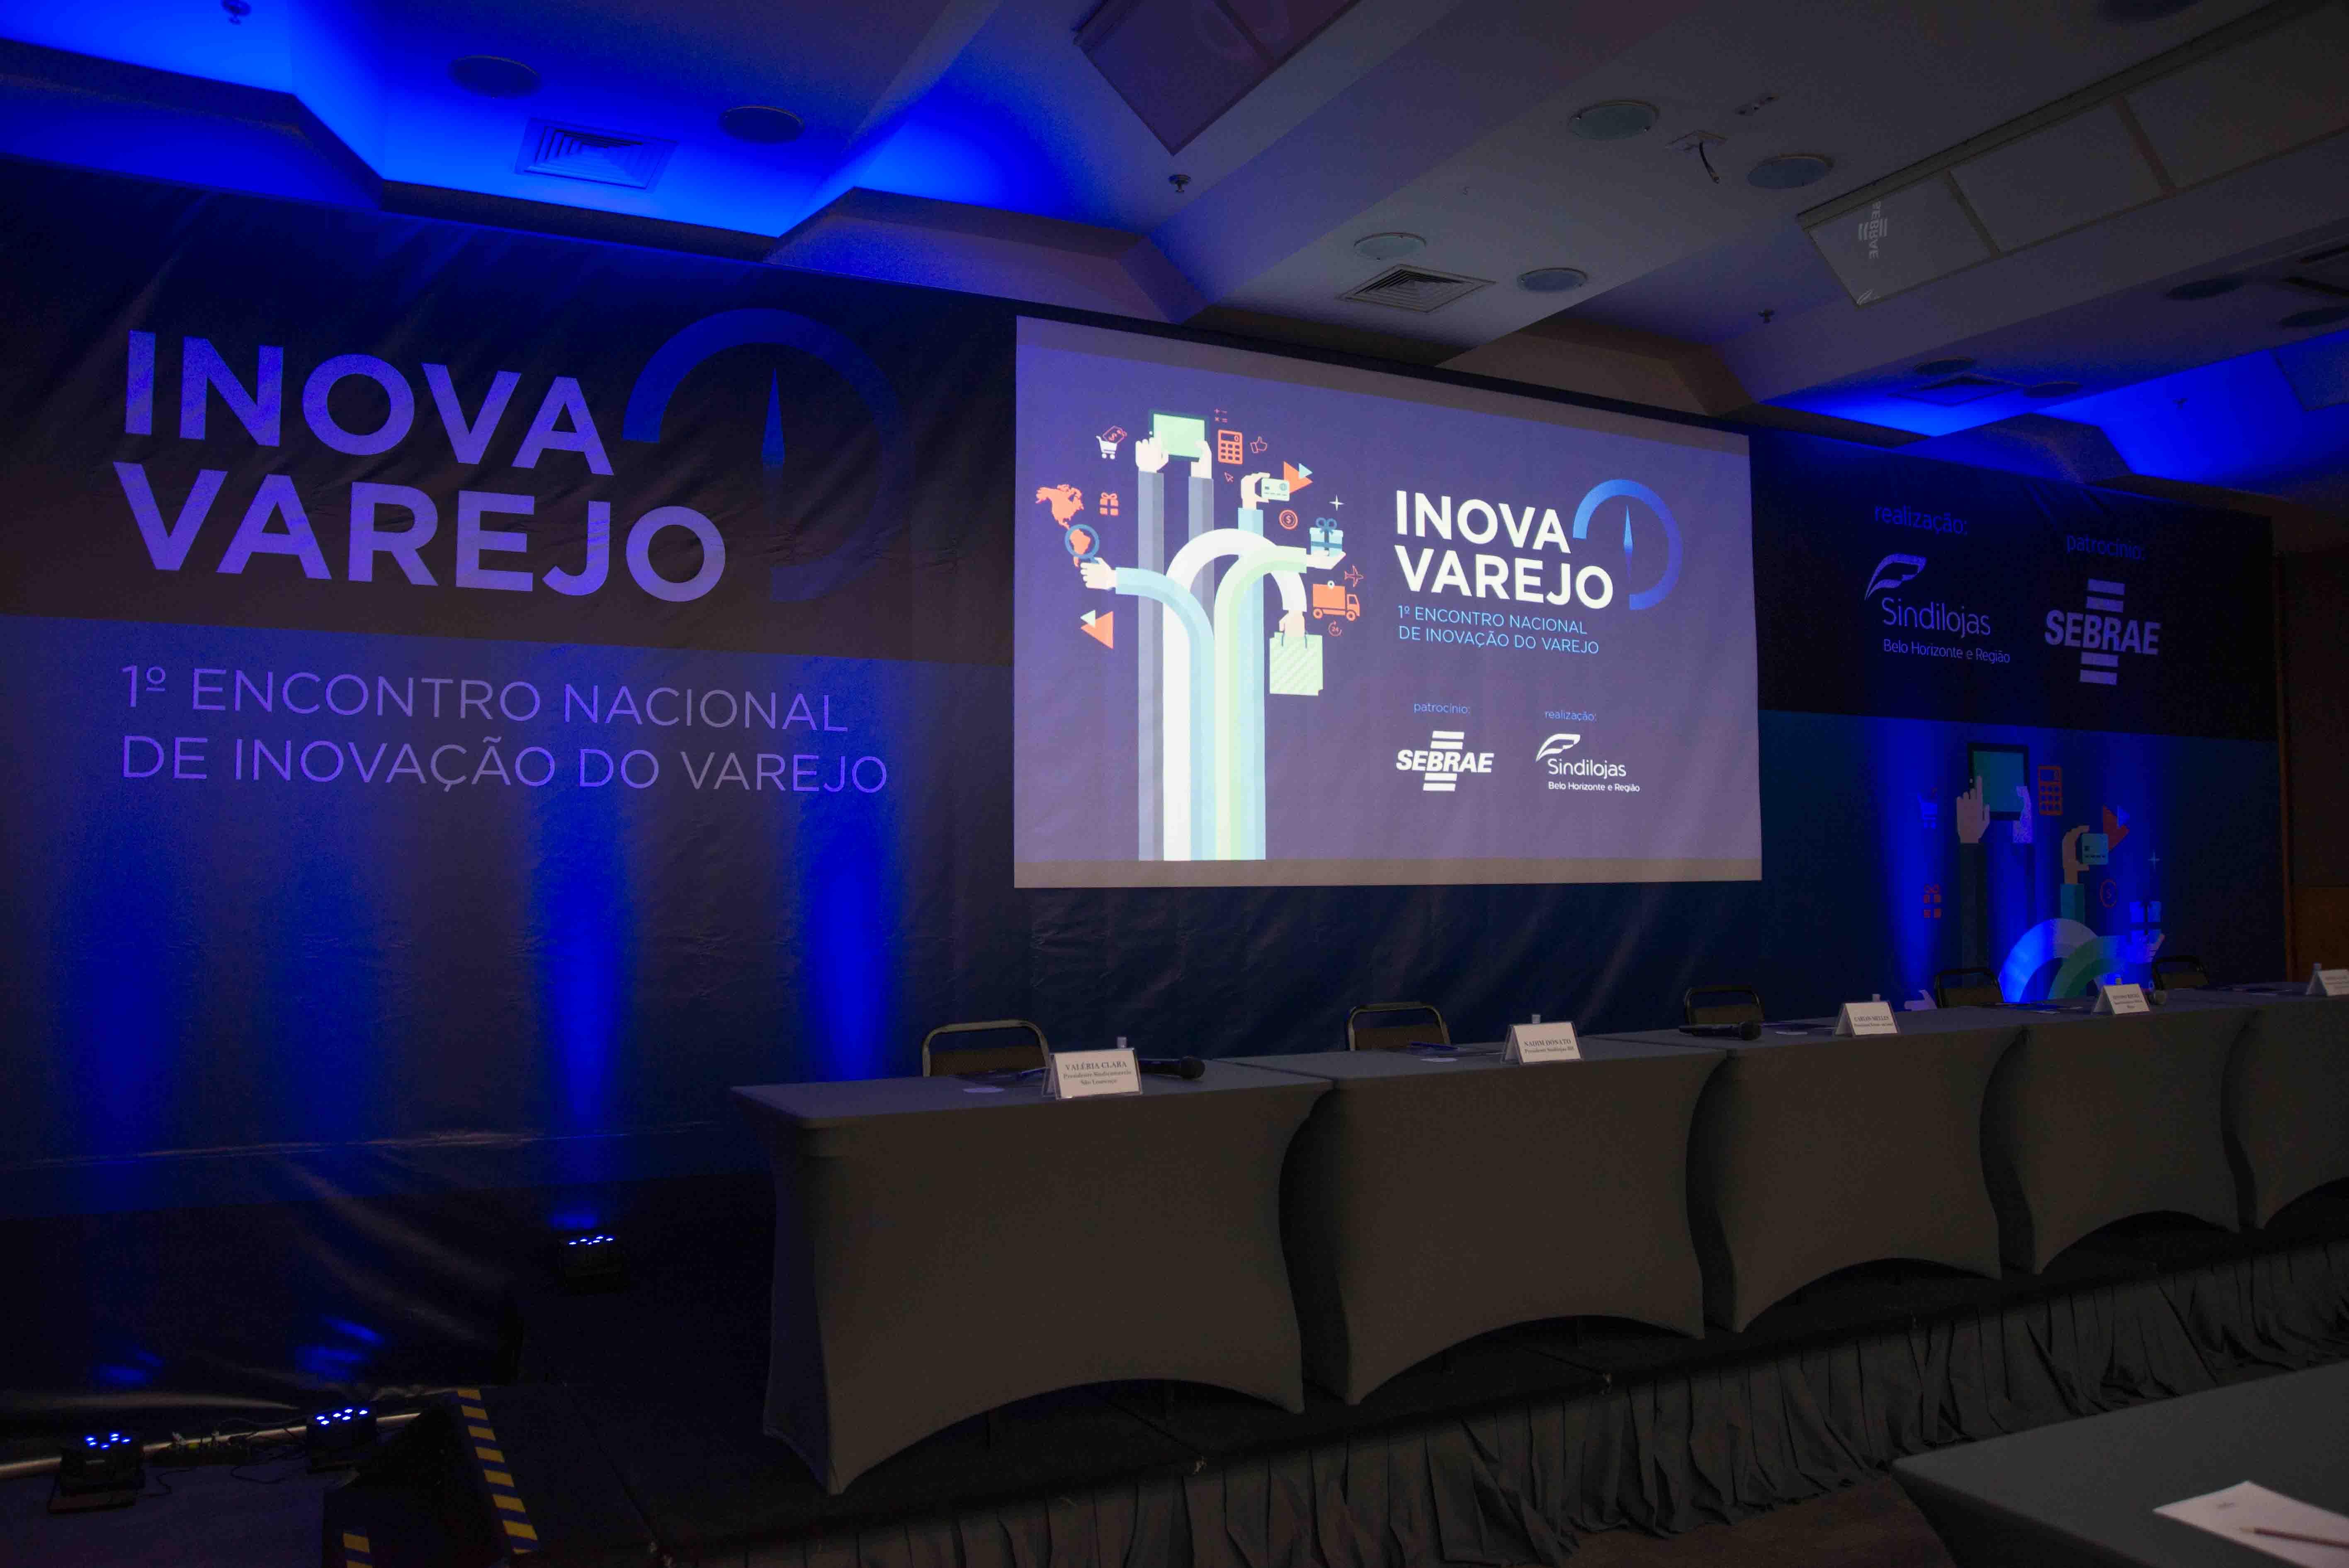 Inova Varejo_26-08-2021_Foto Paulo Marcio-1